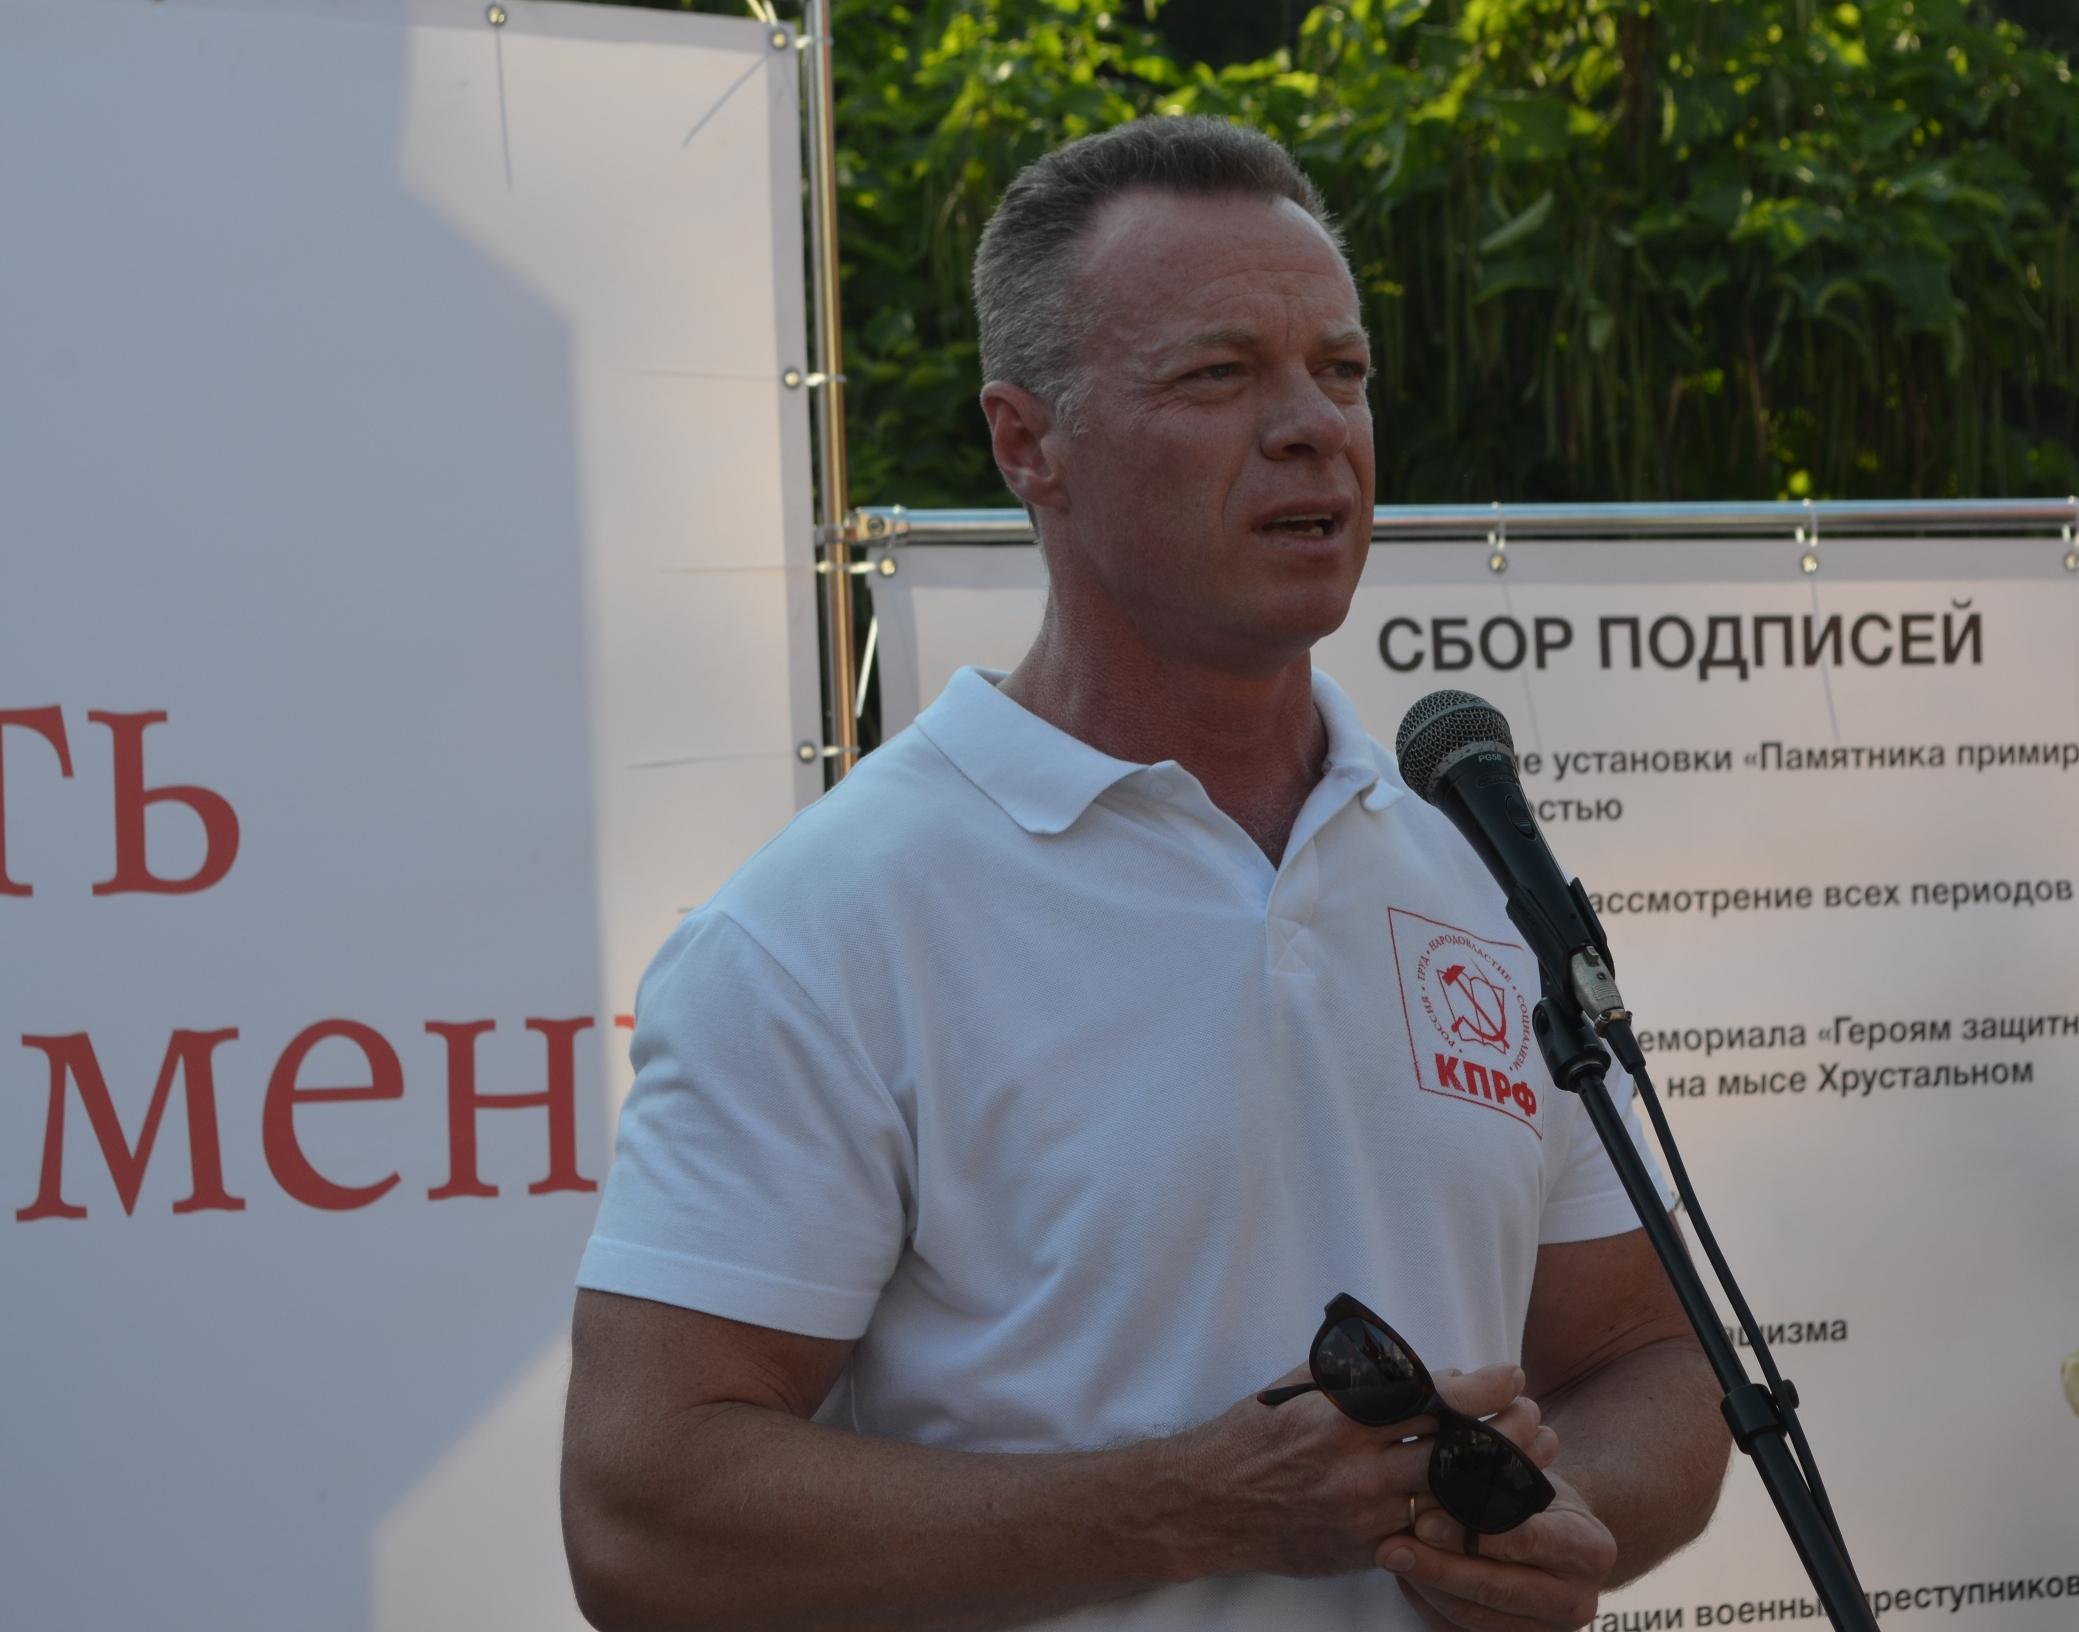 20170804-Антисоветизм в Севастополе не пройдёт- севастопольцы вышли на митинг против памятника примирению-pic1